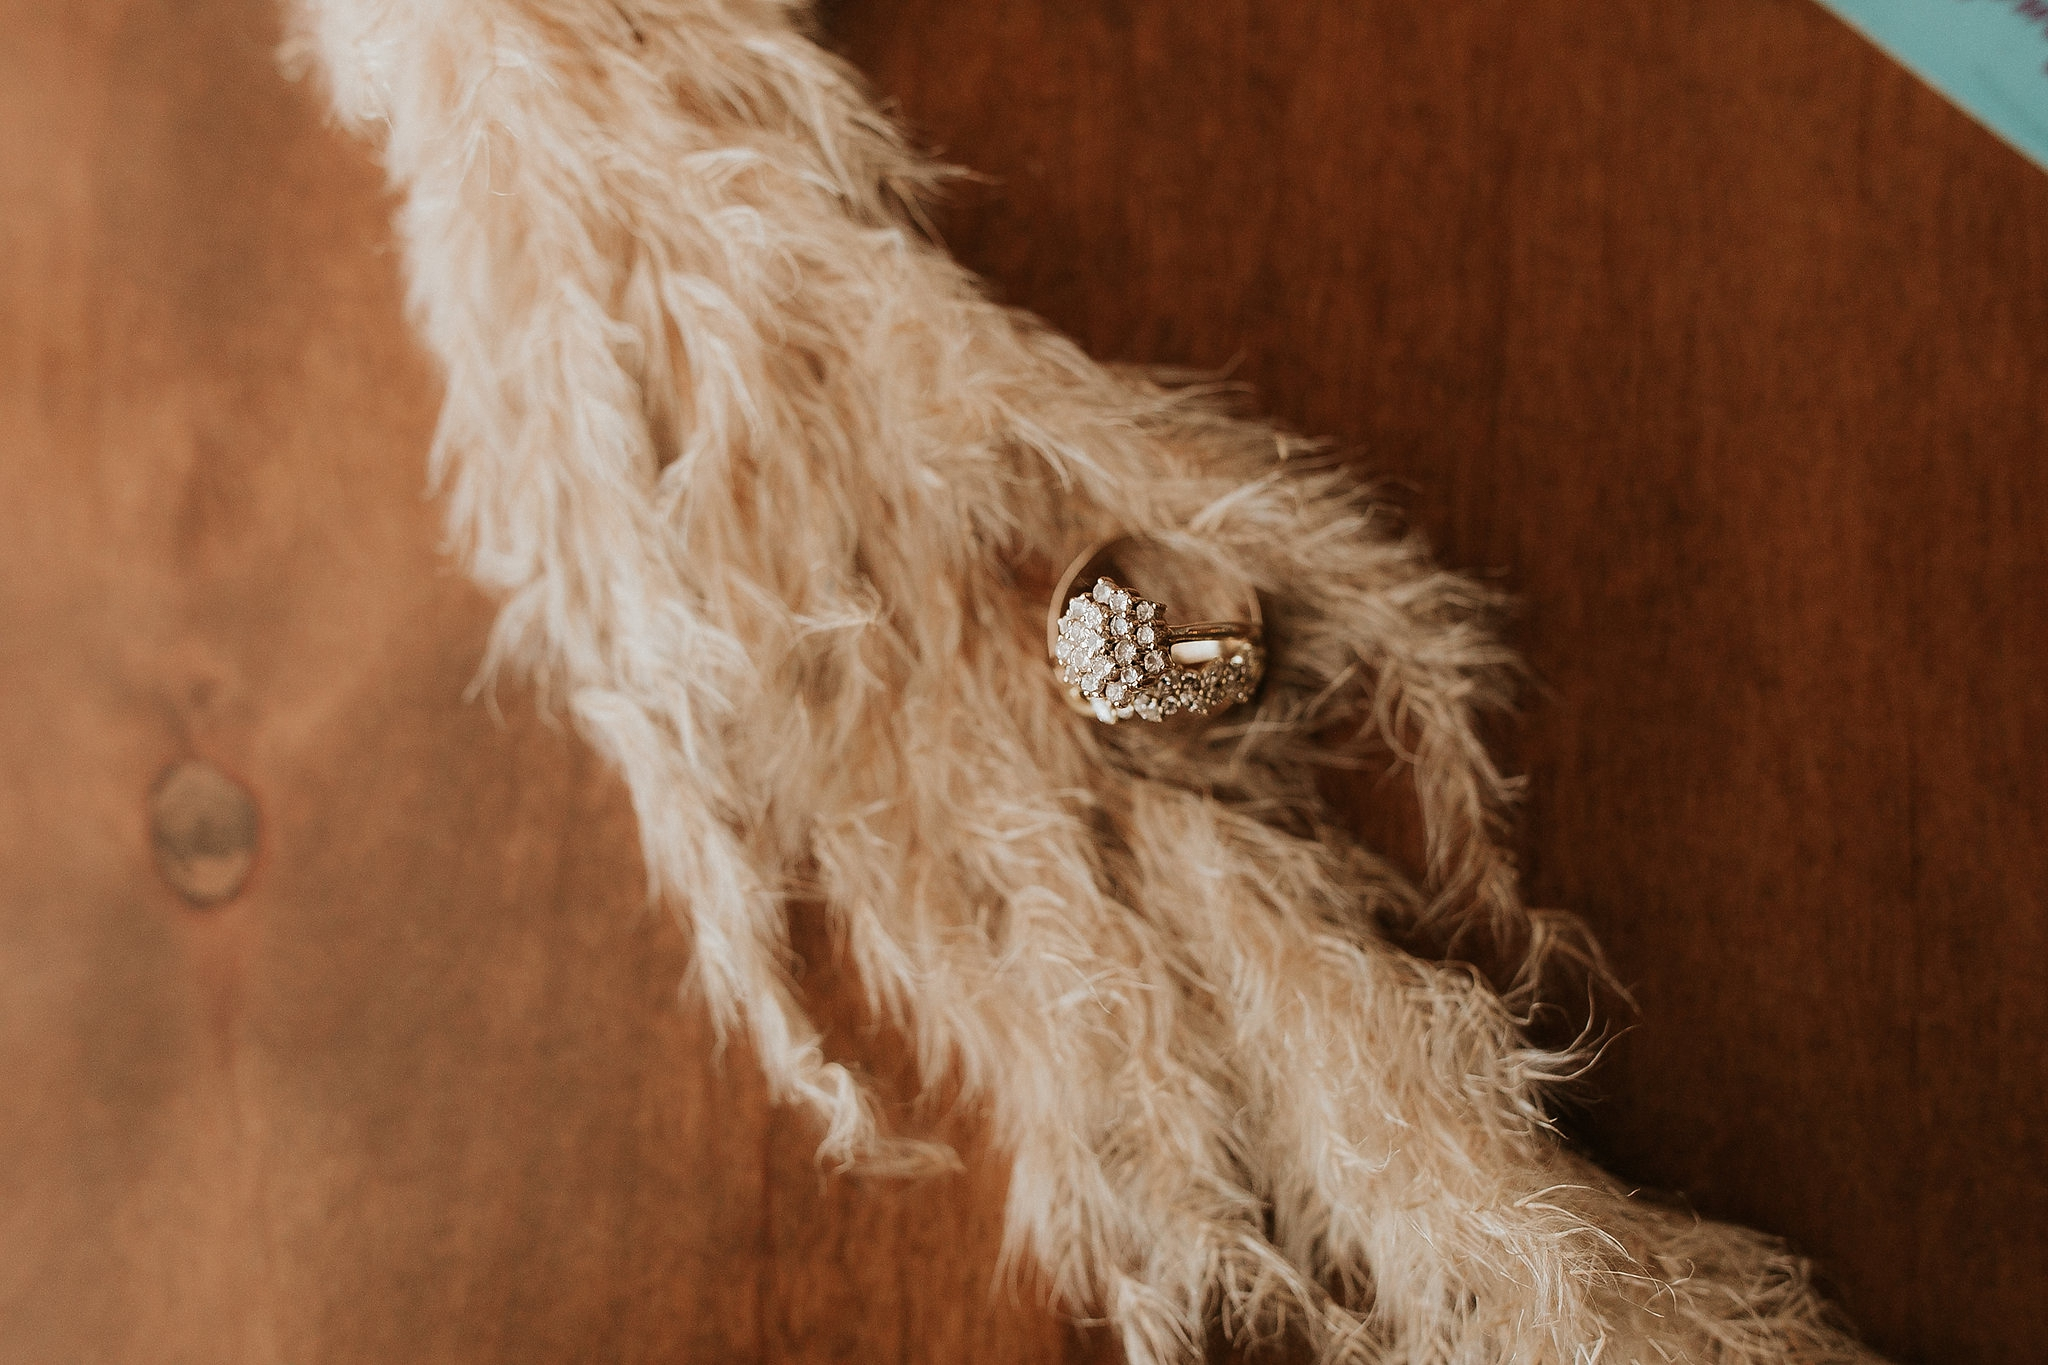 Alicia+lucia+photography+-+albuquerque+wedding+photographer+-+santa+fe+wedding+photography+-+new+mexico+wedding+photographer+-+new+mexico+wedding+-+santa+fe+wedding+-+albuquerque+wedding+-+wedding+rings+-+engagement+rings_0004.jpg